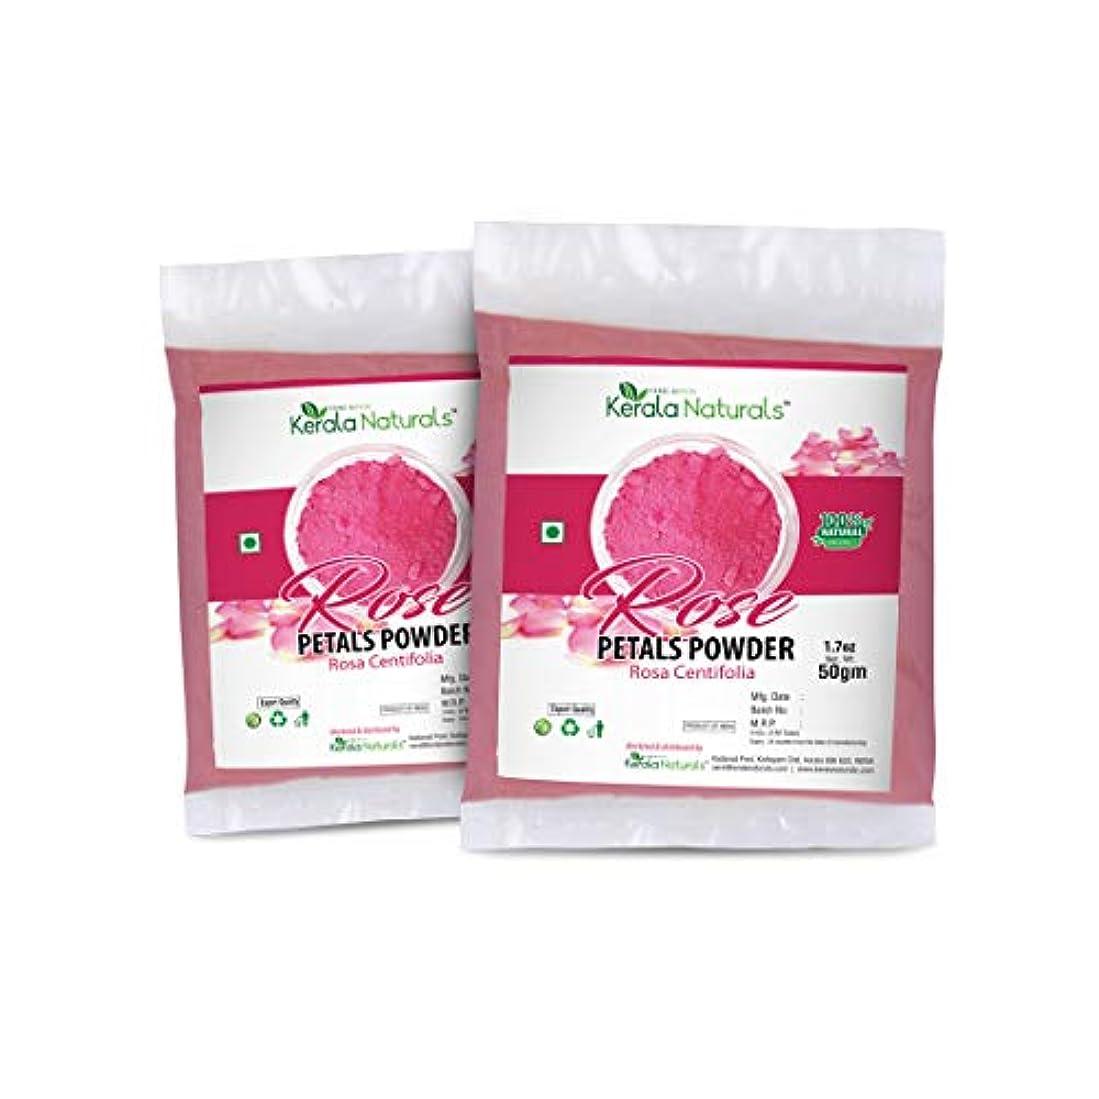 好みヒューム運命Rose Petals Powder (Rosa Centifolia) for Anti Ageing- 100gm (50gm x 2 Packs) - Rejuvenating and Moisturising Face...